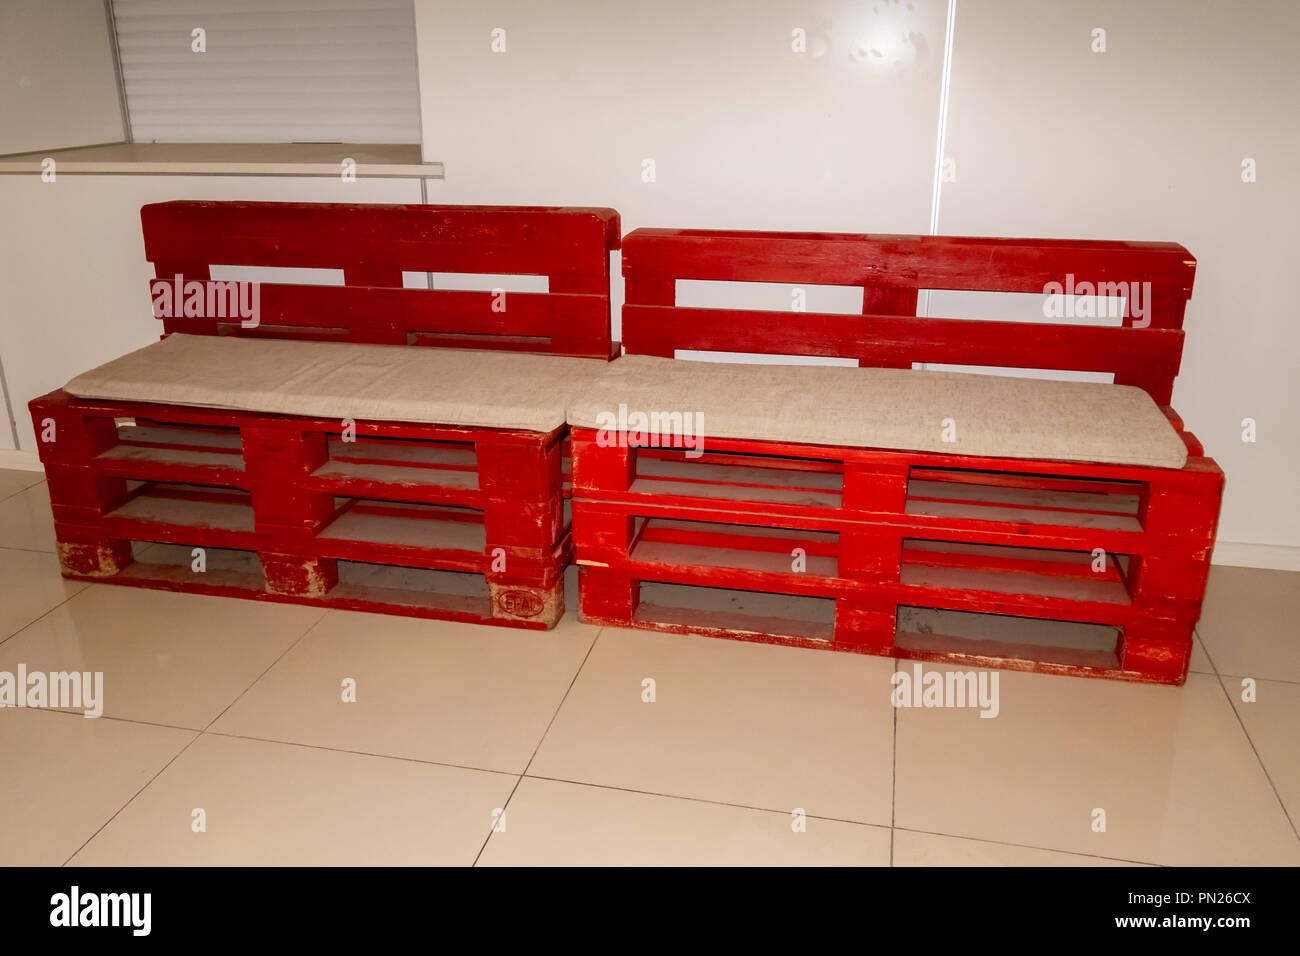 Disparo De Muebles Hechos De Palets Innovadores Y Respetuosos Con - Muebles-hechos-con-palet